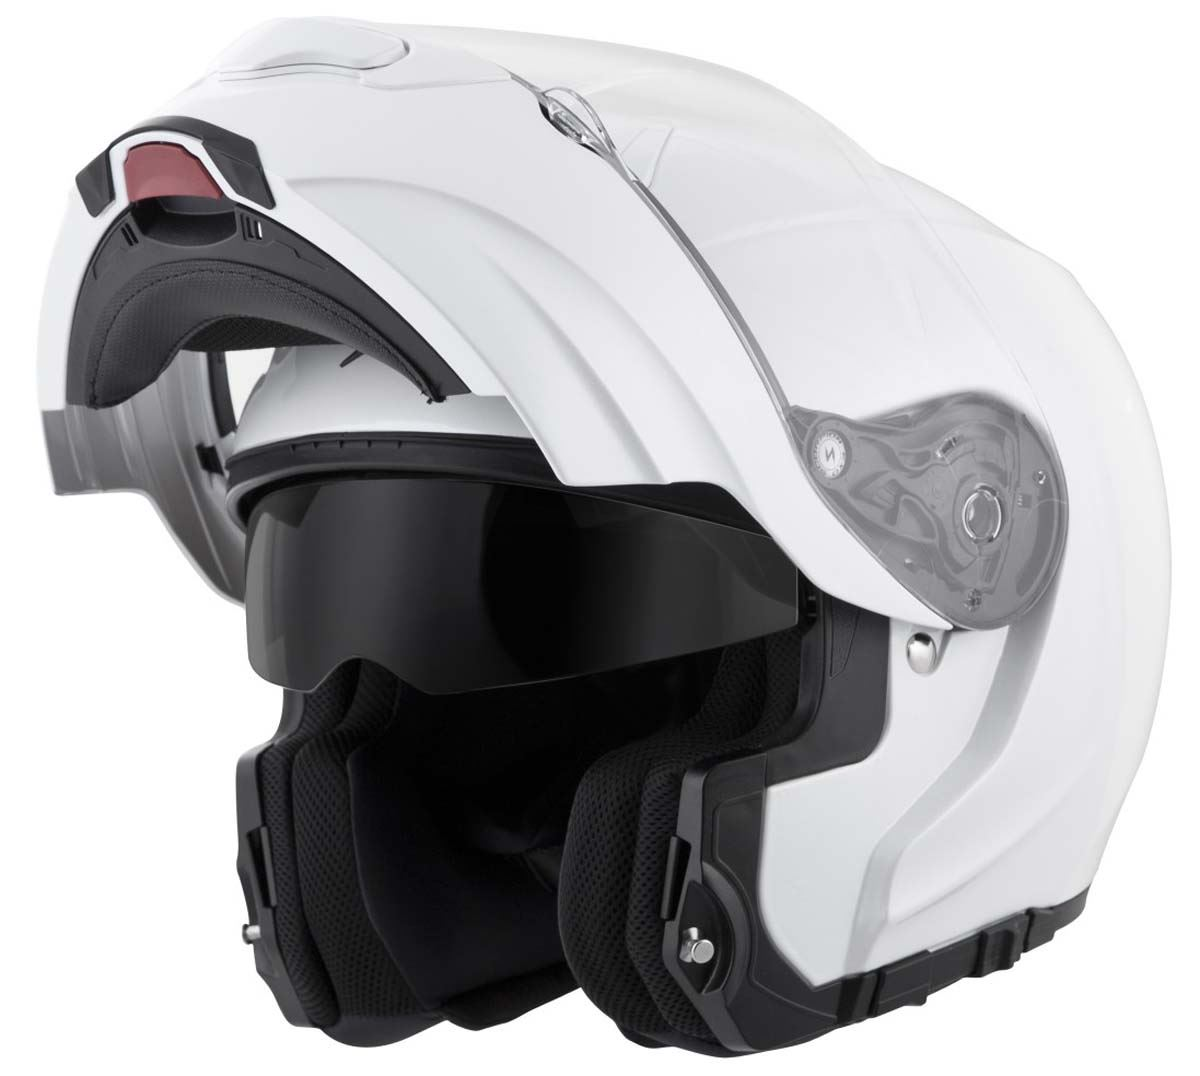 Scorpion-EXO-GT3000-Helmet-Modular-Flip-Up-Premium-DOT-Approved-XS-2XL miniature 18